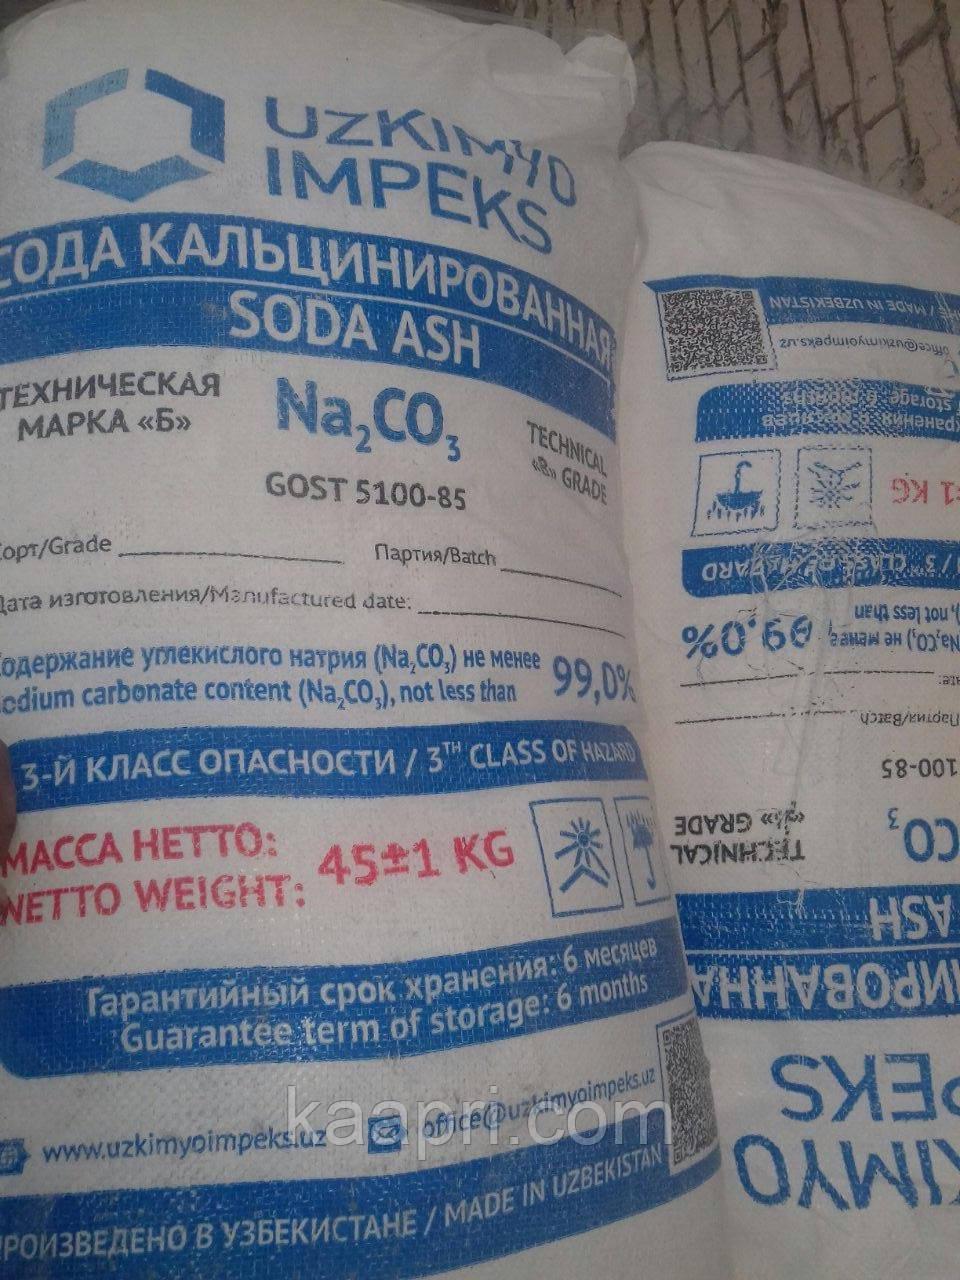 Кальцинированная сода в мешках по 45кг, Узбекистан, фото 1